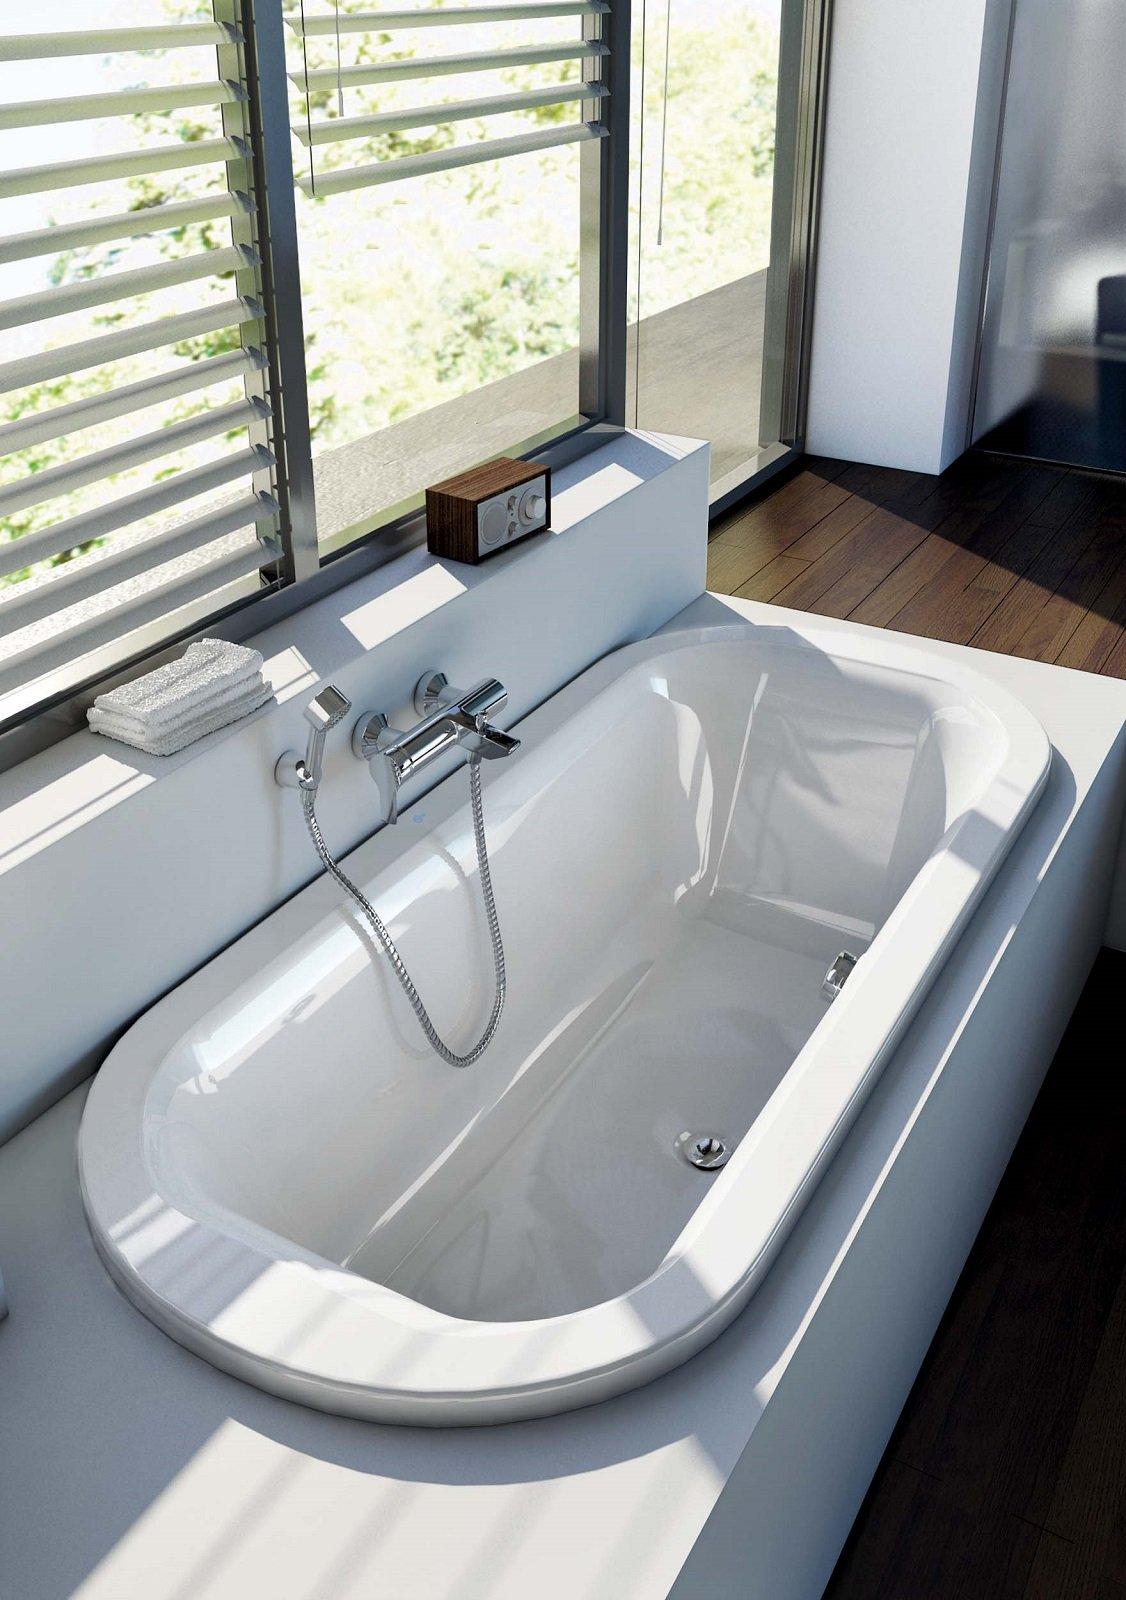 In svariate forme e misure le vasche da incasso si adattano alle dimensioni e alla composizione - Vasche da bagno ideal standard prezzi ...